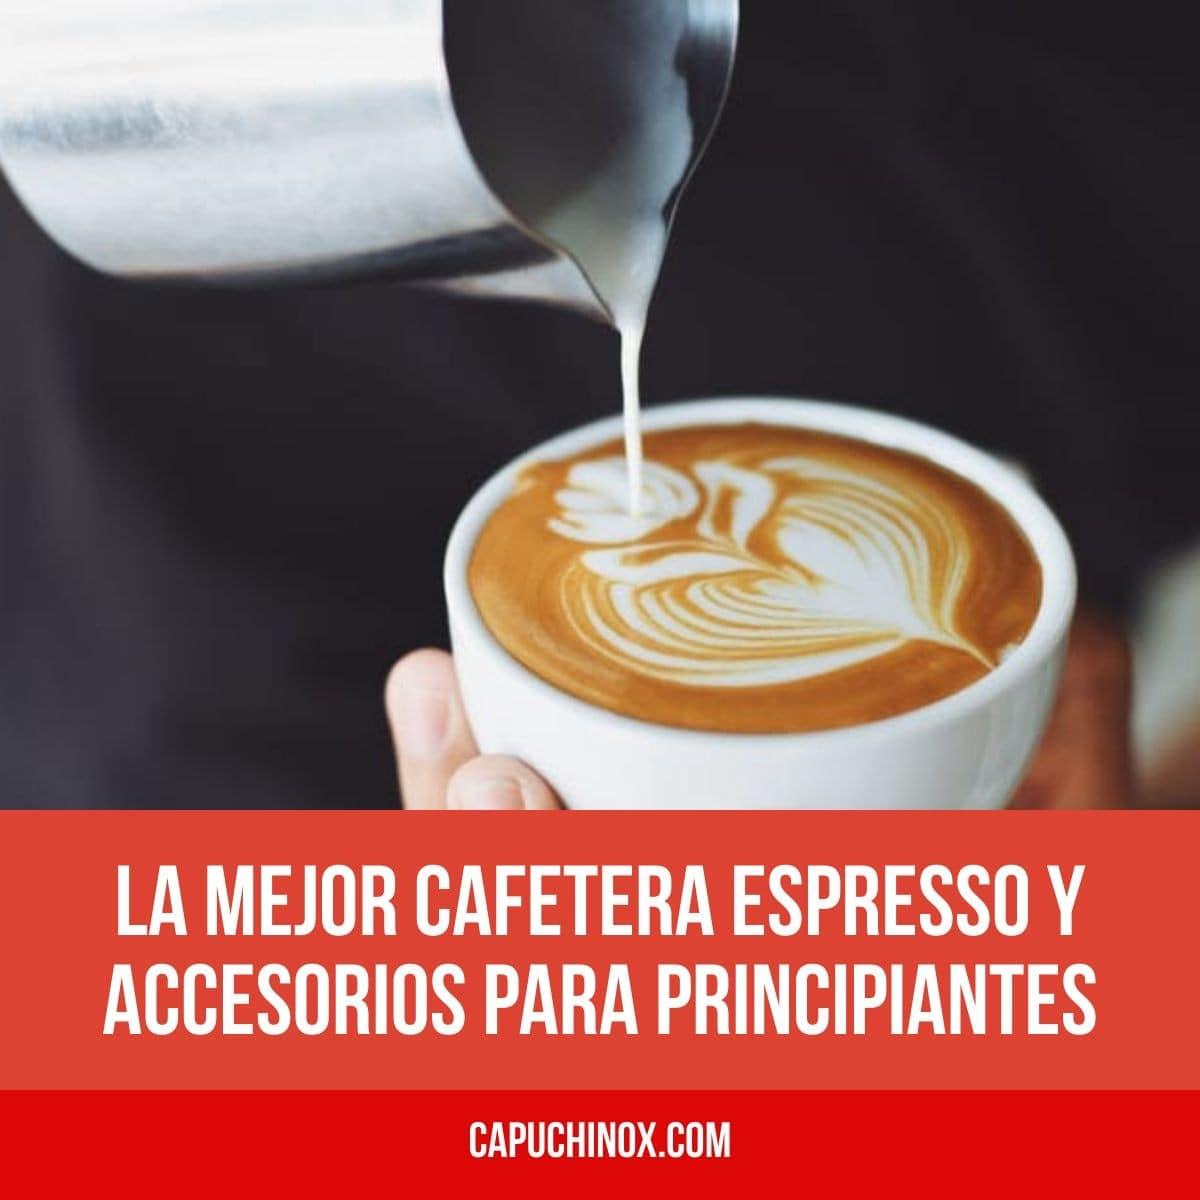 La mejor cafetera espresso y accesorios para principiantes (tazas de café, prensadores, jarras de leche, molinillo)